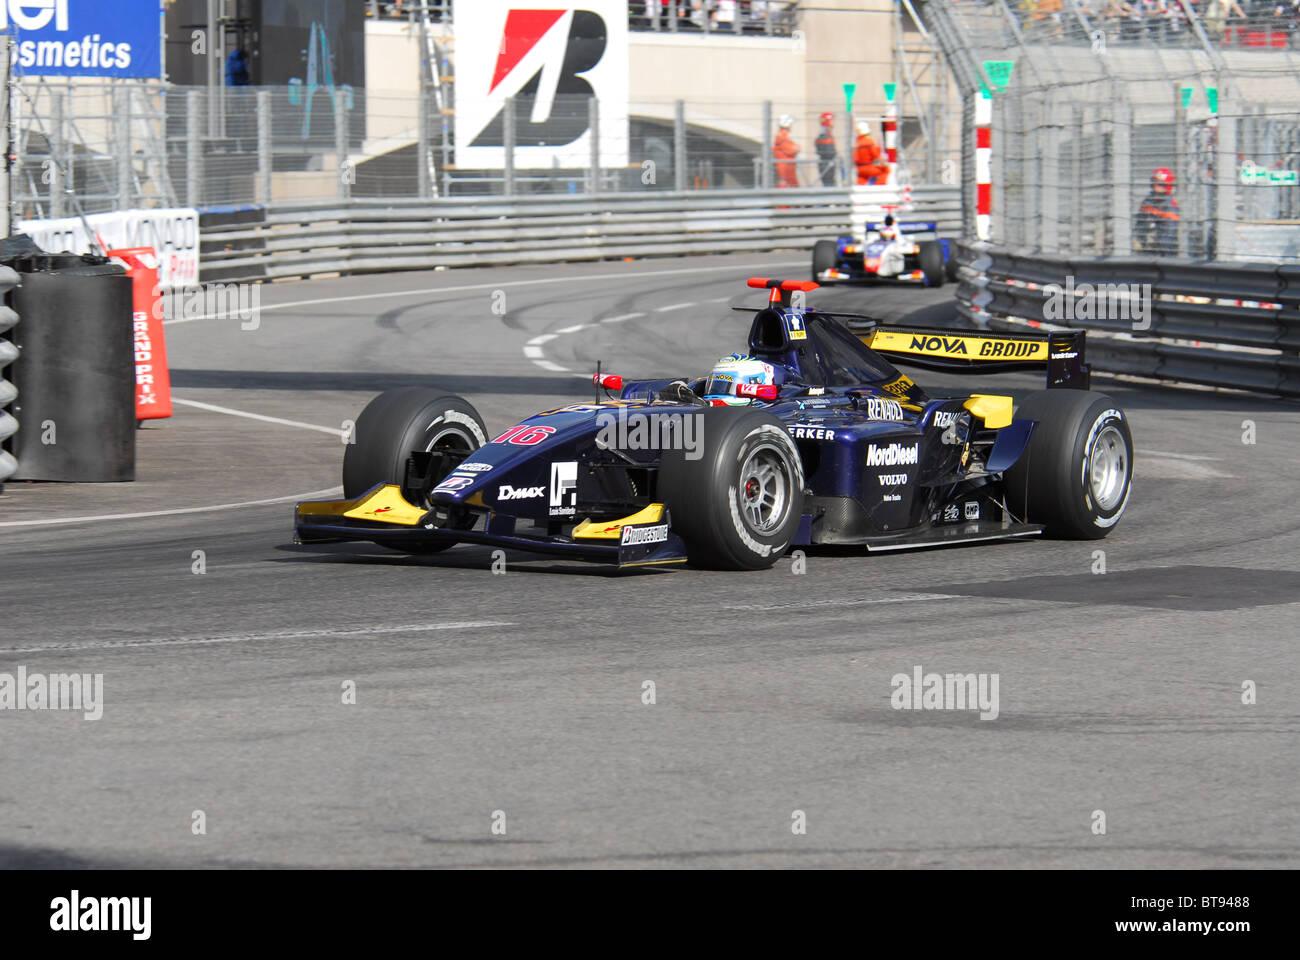 GP2 Monaco Friday practice 2008 - Stock Image